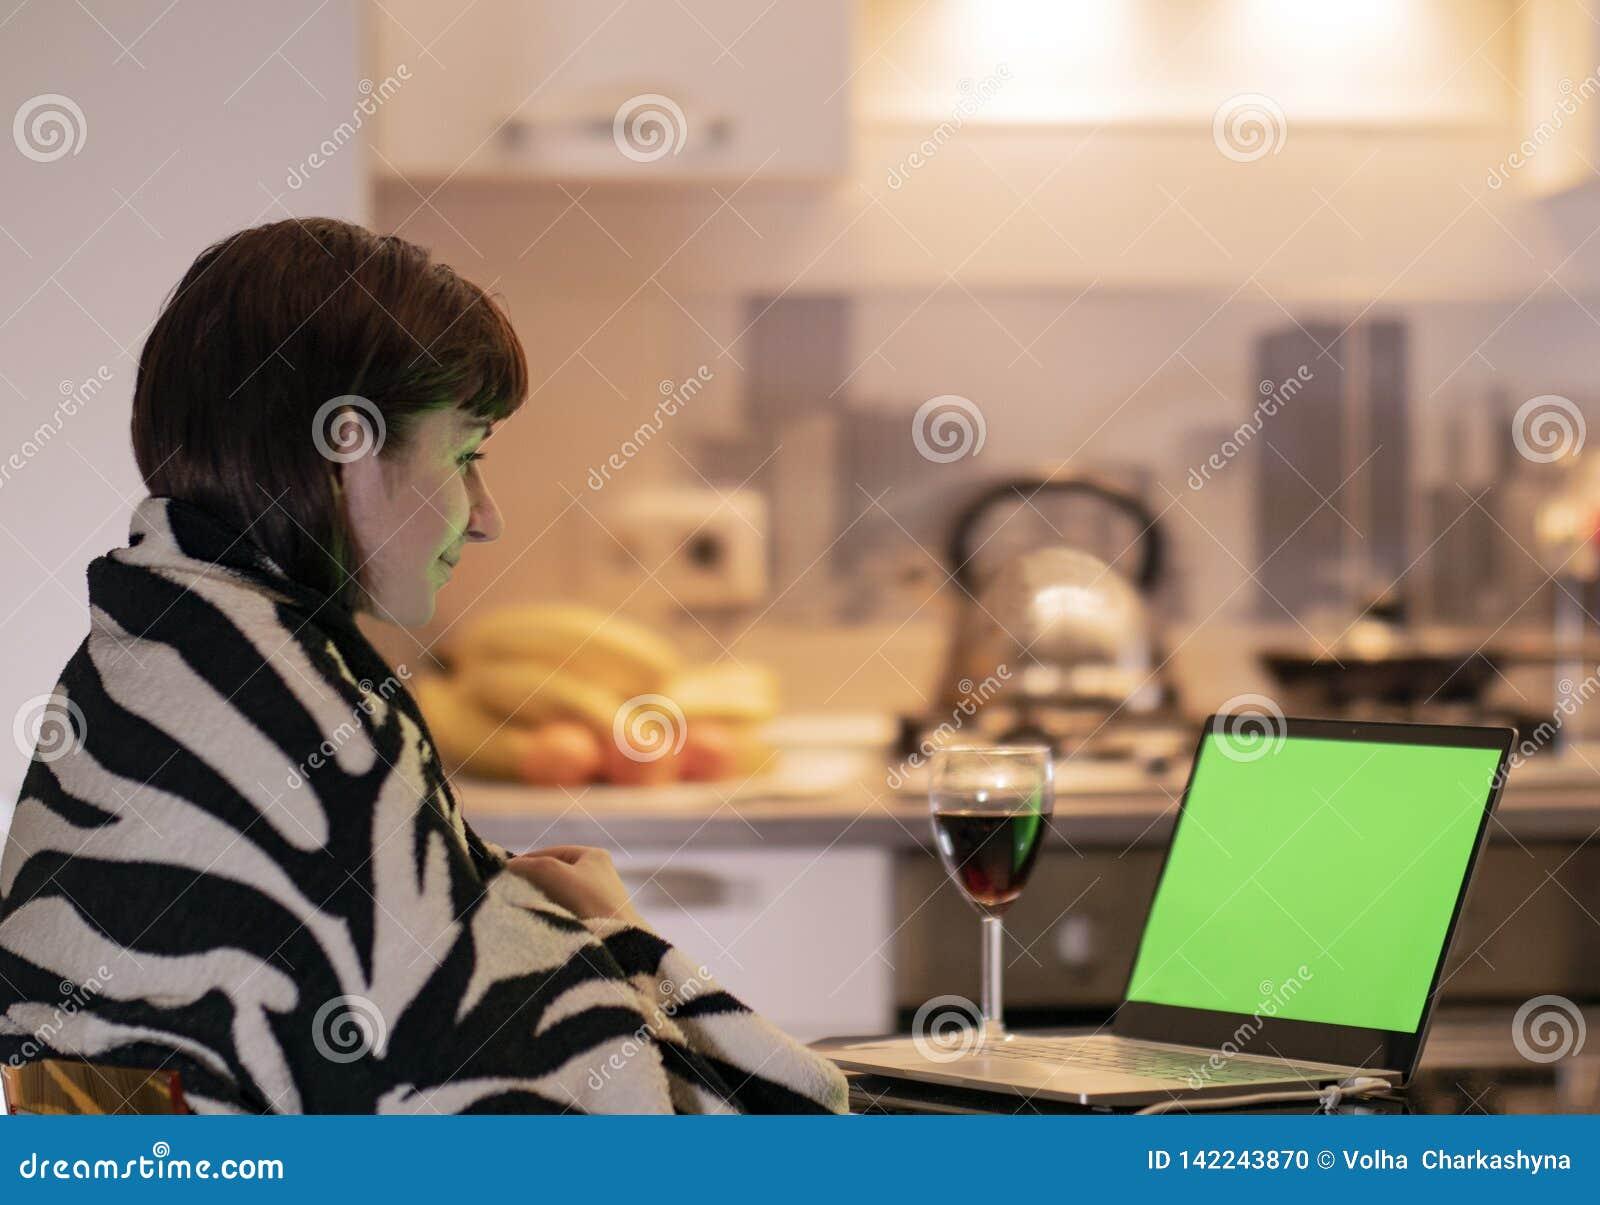 Женщина сидит в кухне на таблице ноутбуком и с улыбкой смотрит экран монитора, chromakey